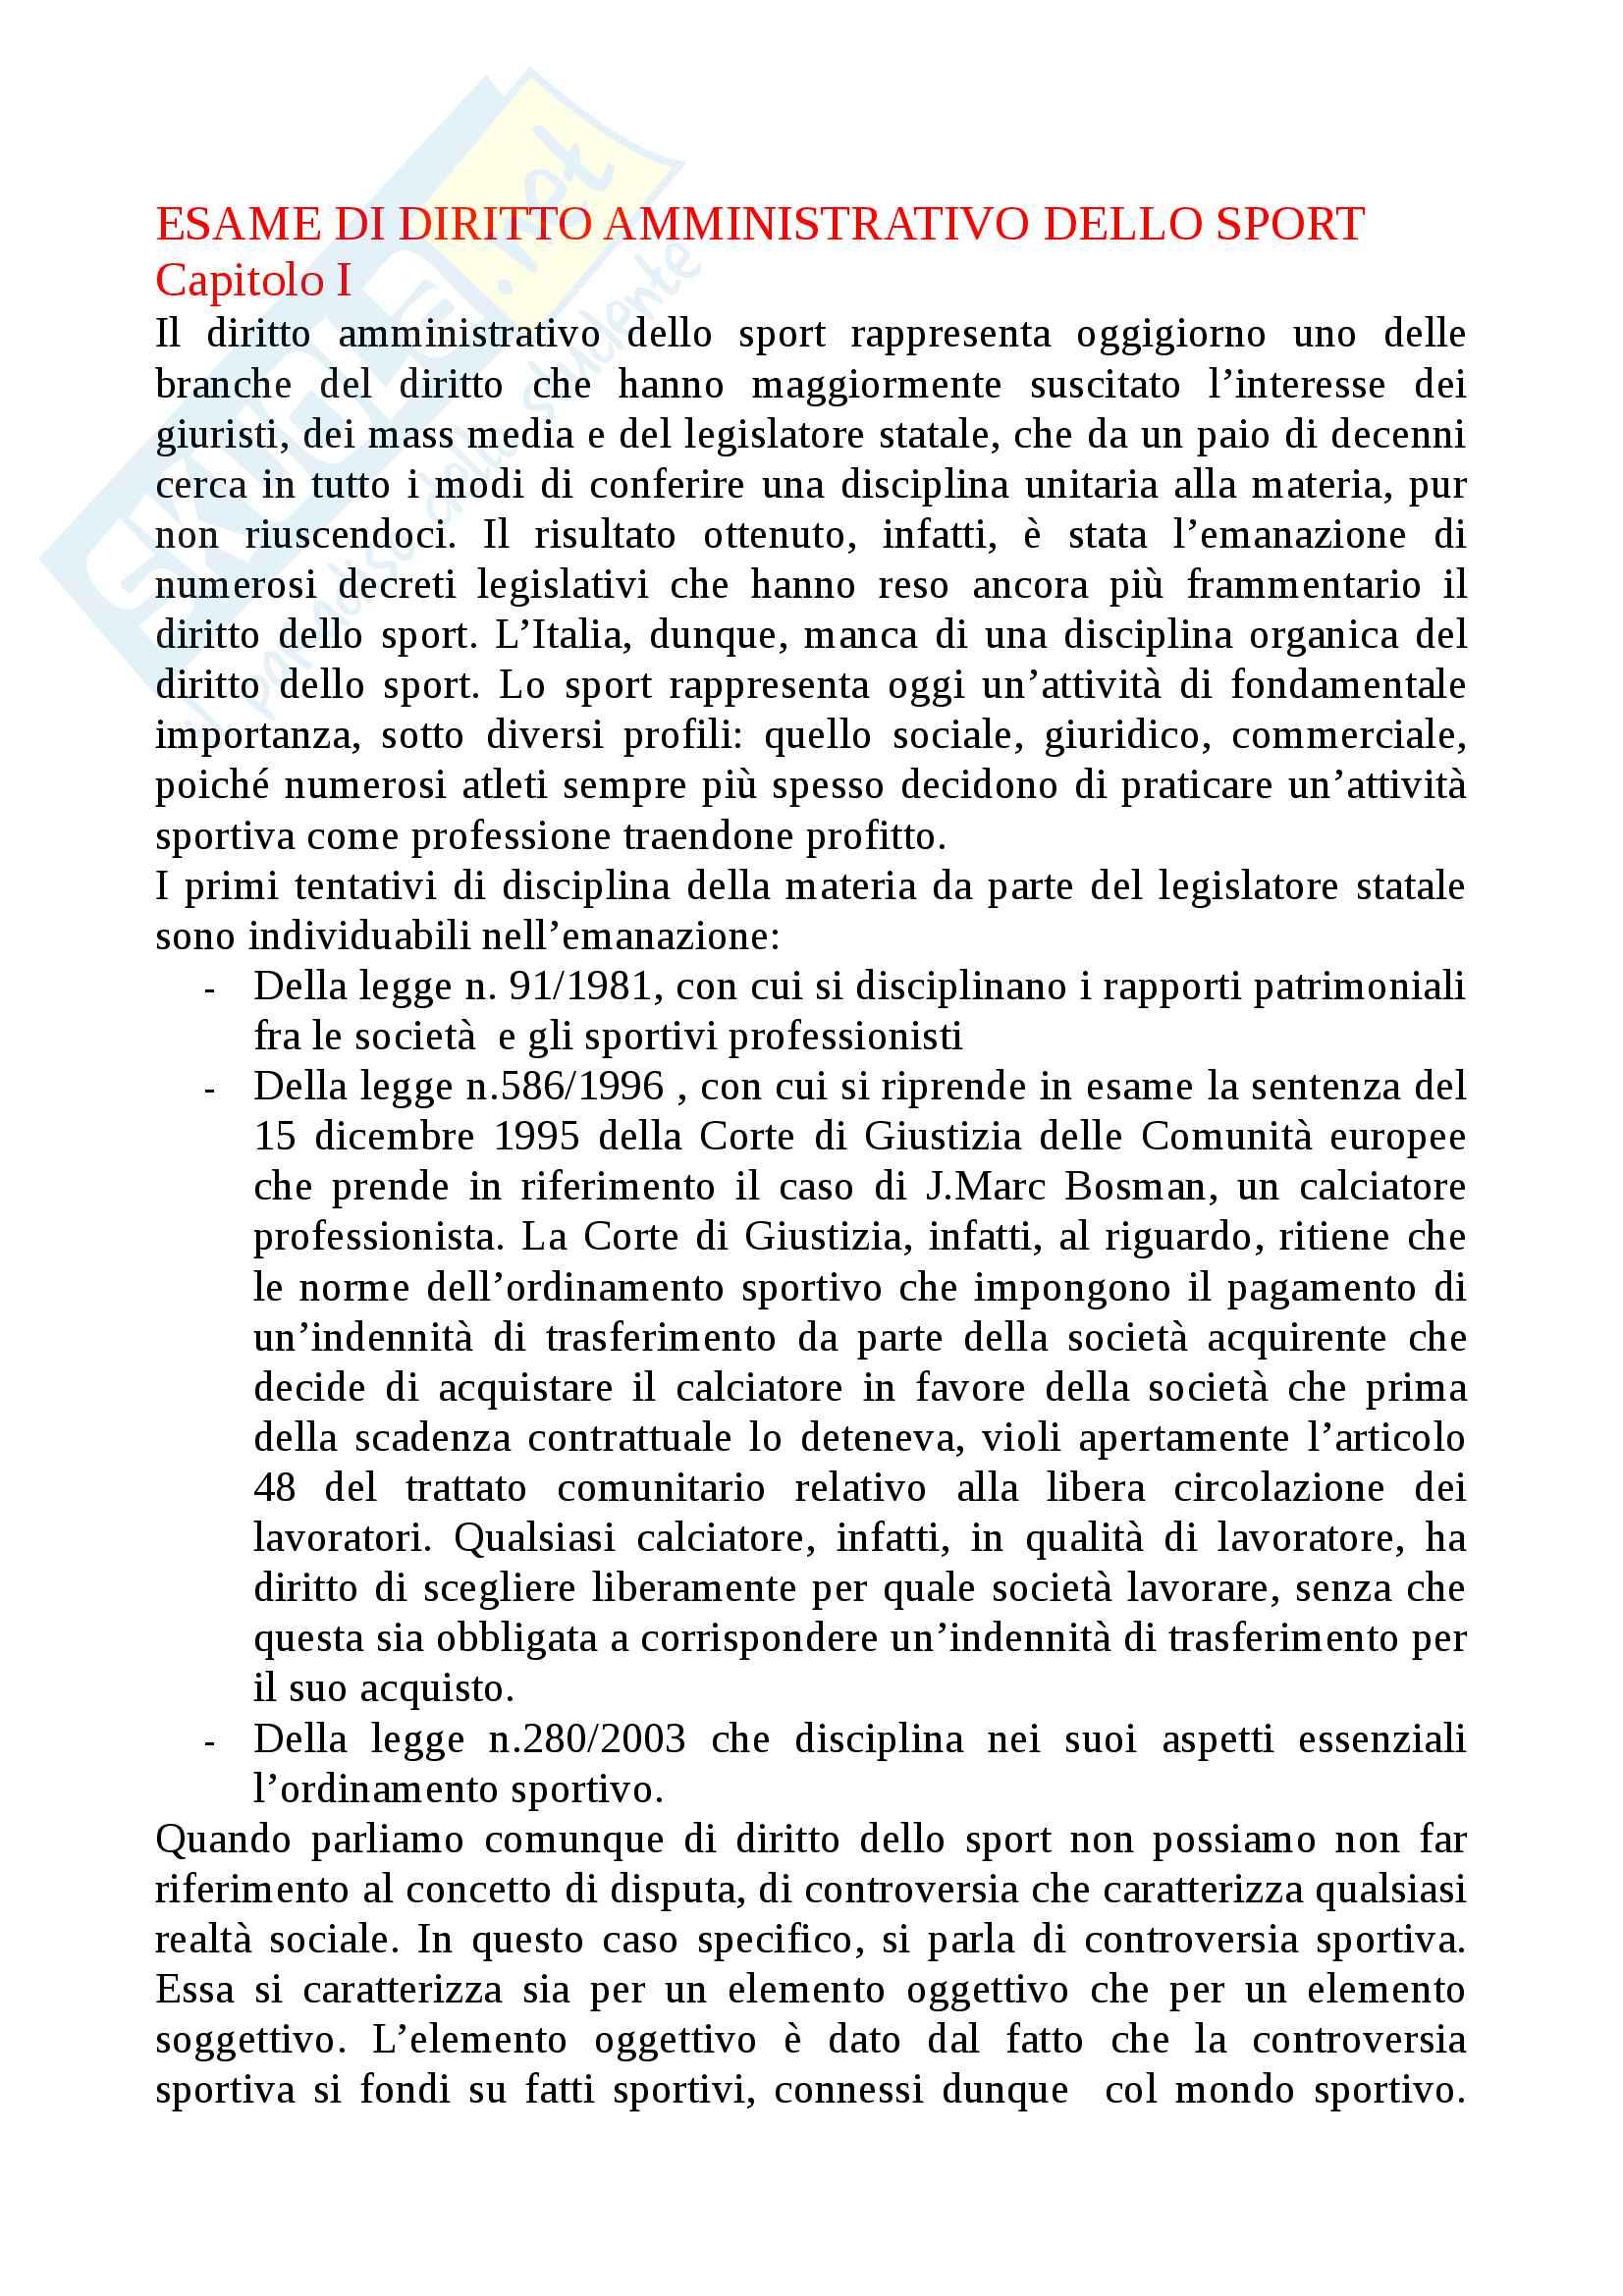 Esame di diritto amministrativo dello sport riassunto integrale